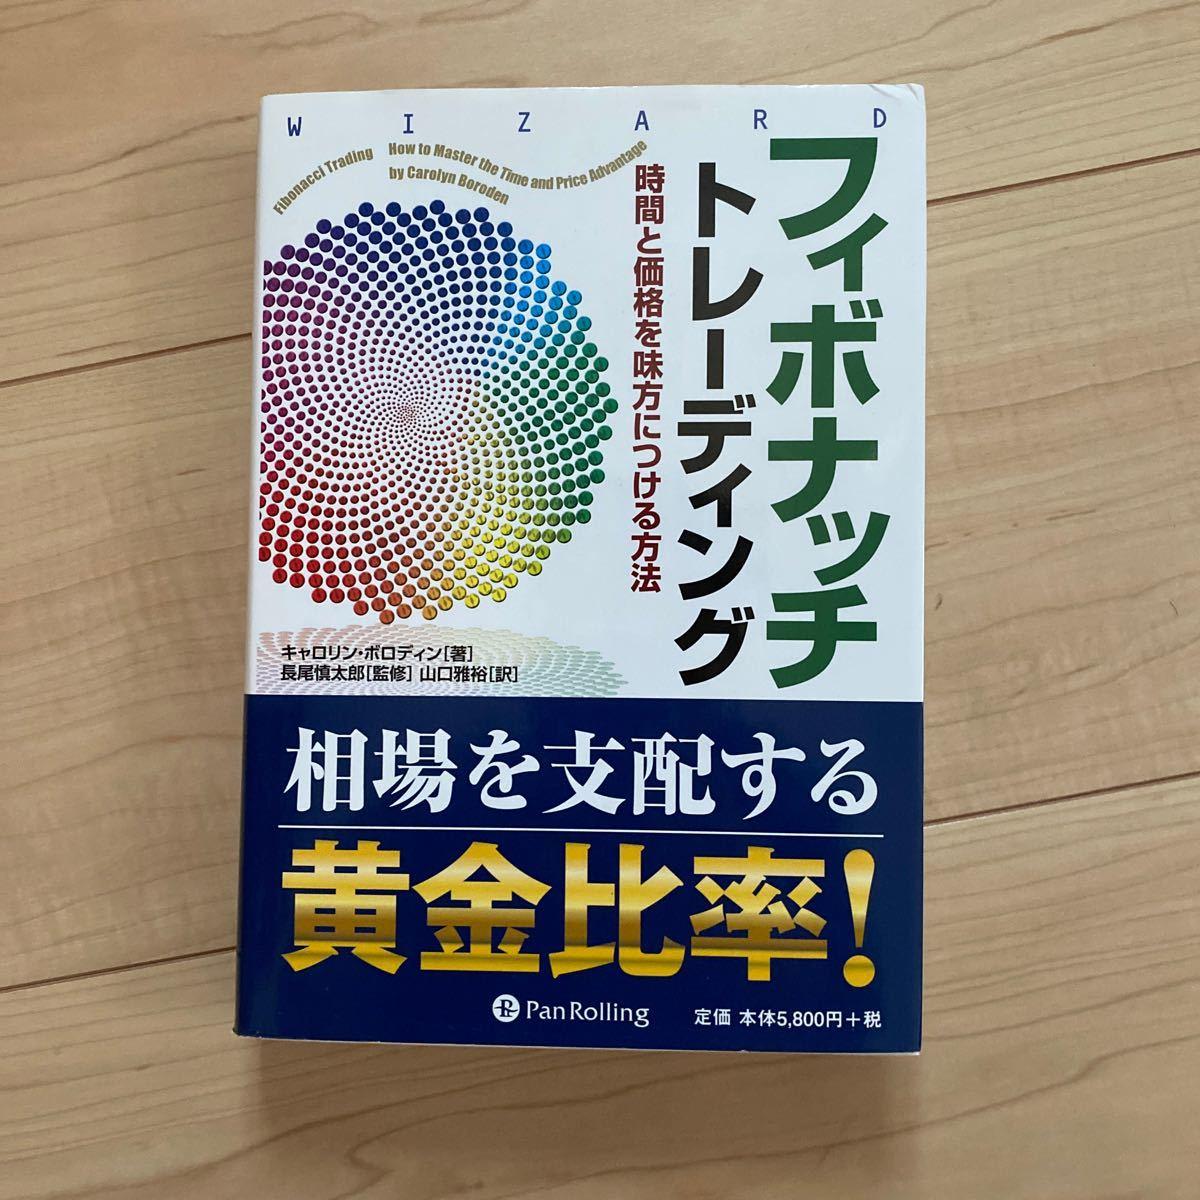 フィボナッチトレーディング/キャロリンボロディン/山口雅裕